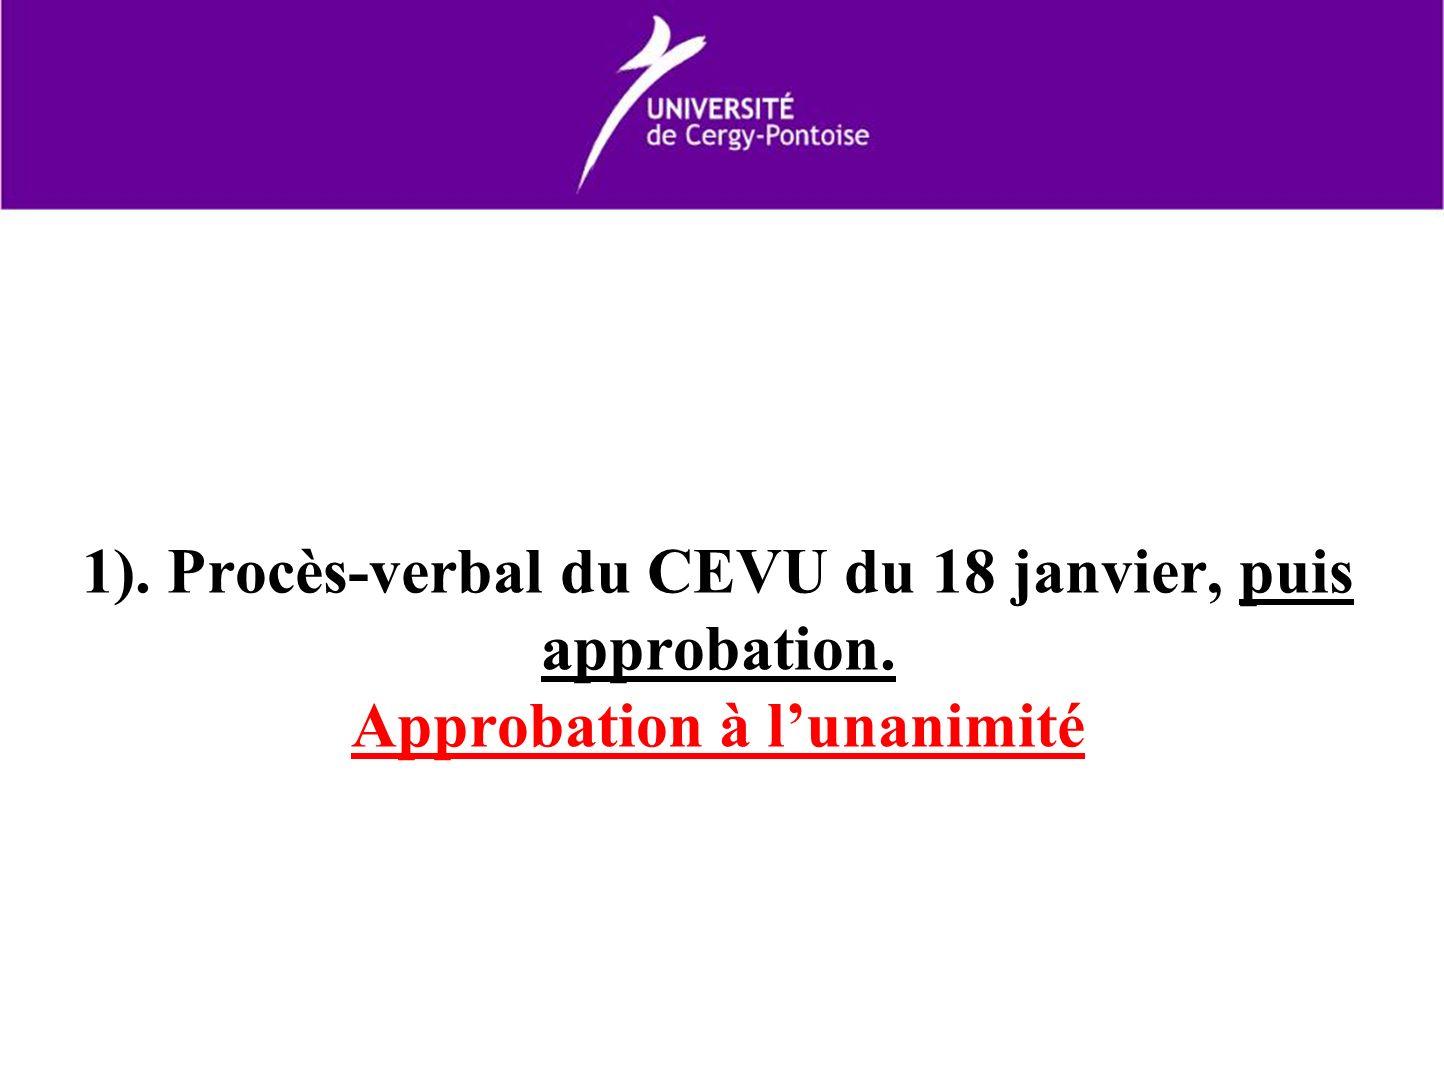 1). Procès-verbal du CEVU du 18 janvier, puis approbation. Approbation à lunanimité